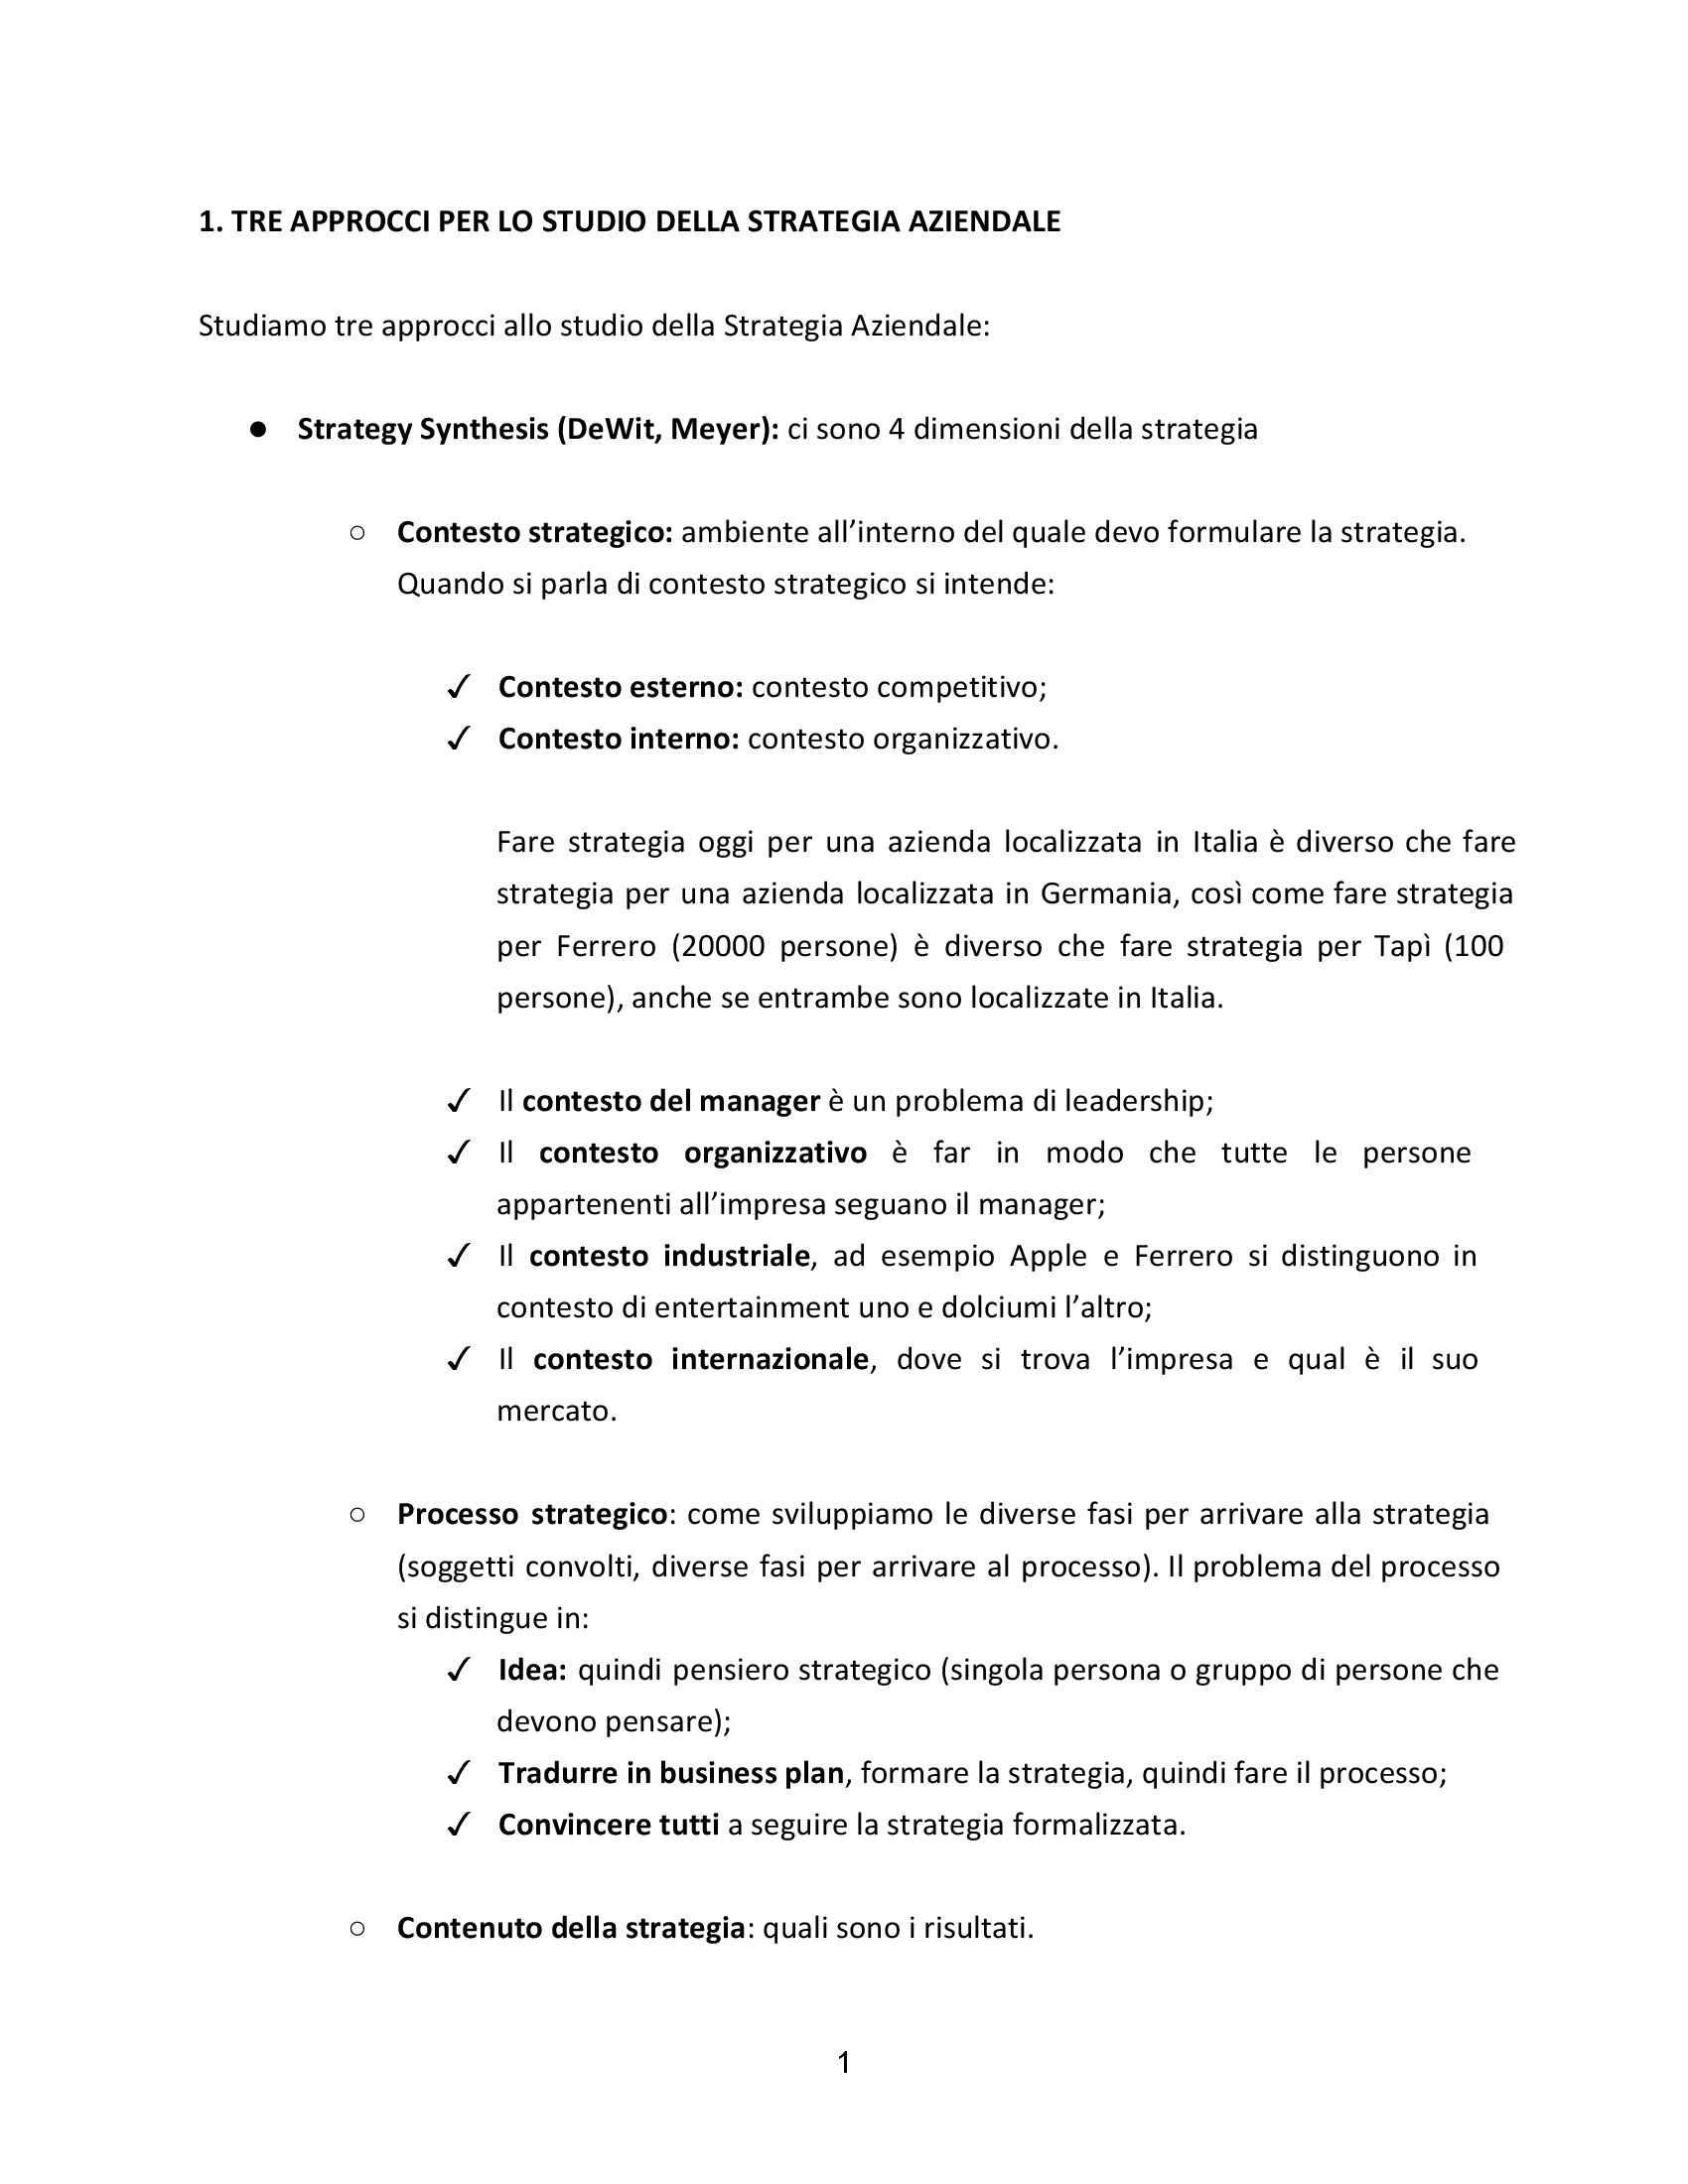 Strategia aziendale - Appunti